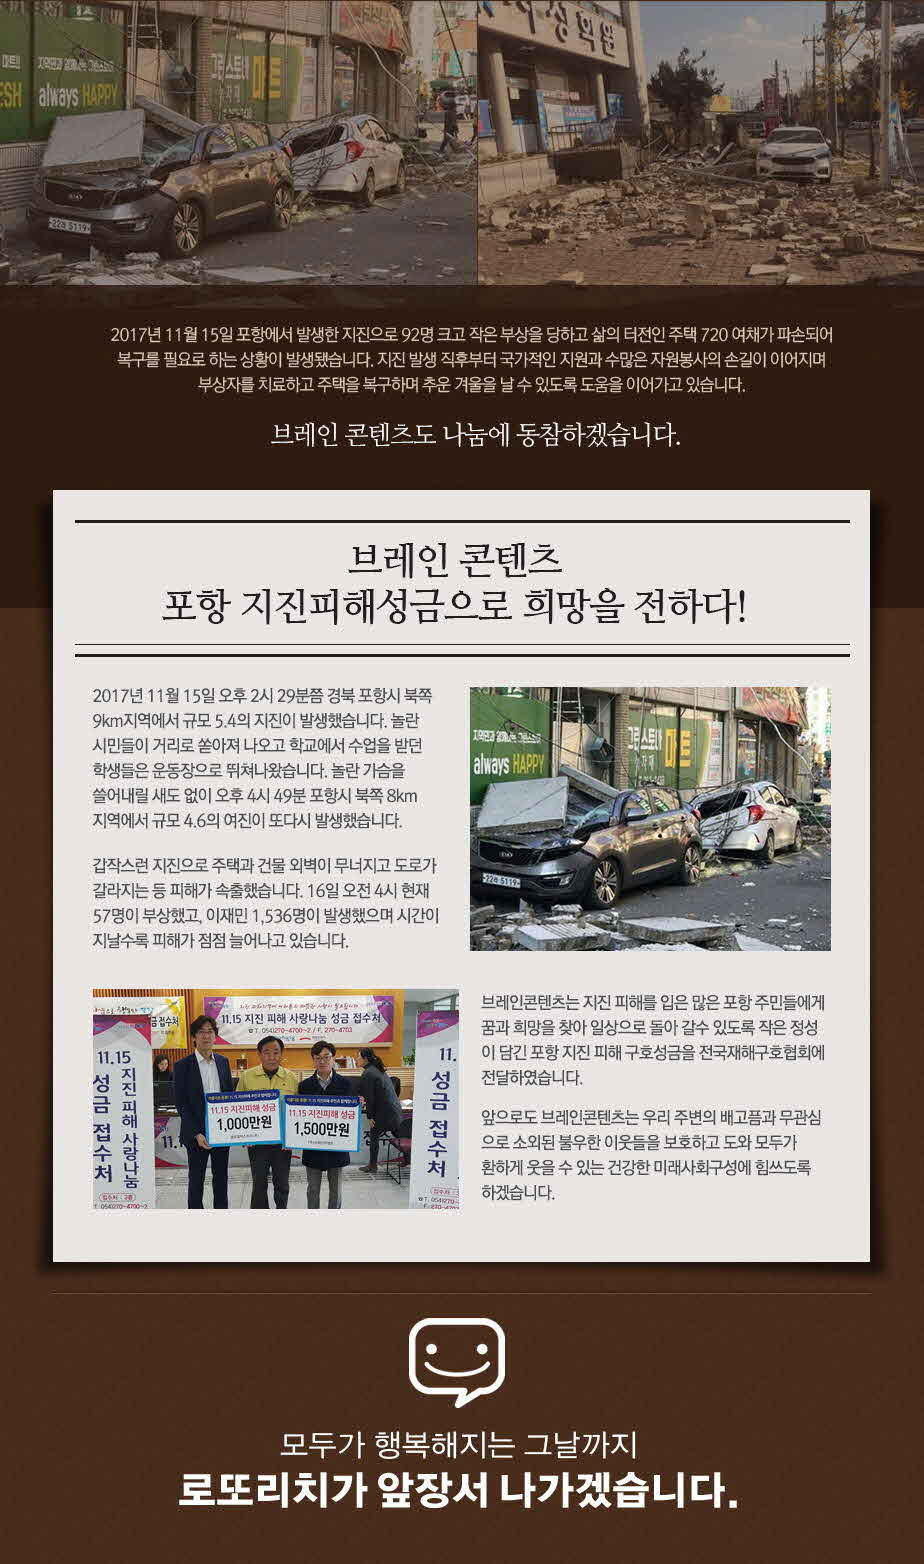 브레인콘텐츠 포항 지진피해성금으로 희망을 전하다!